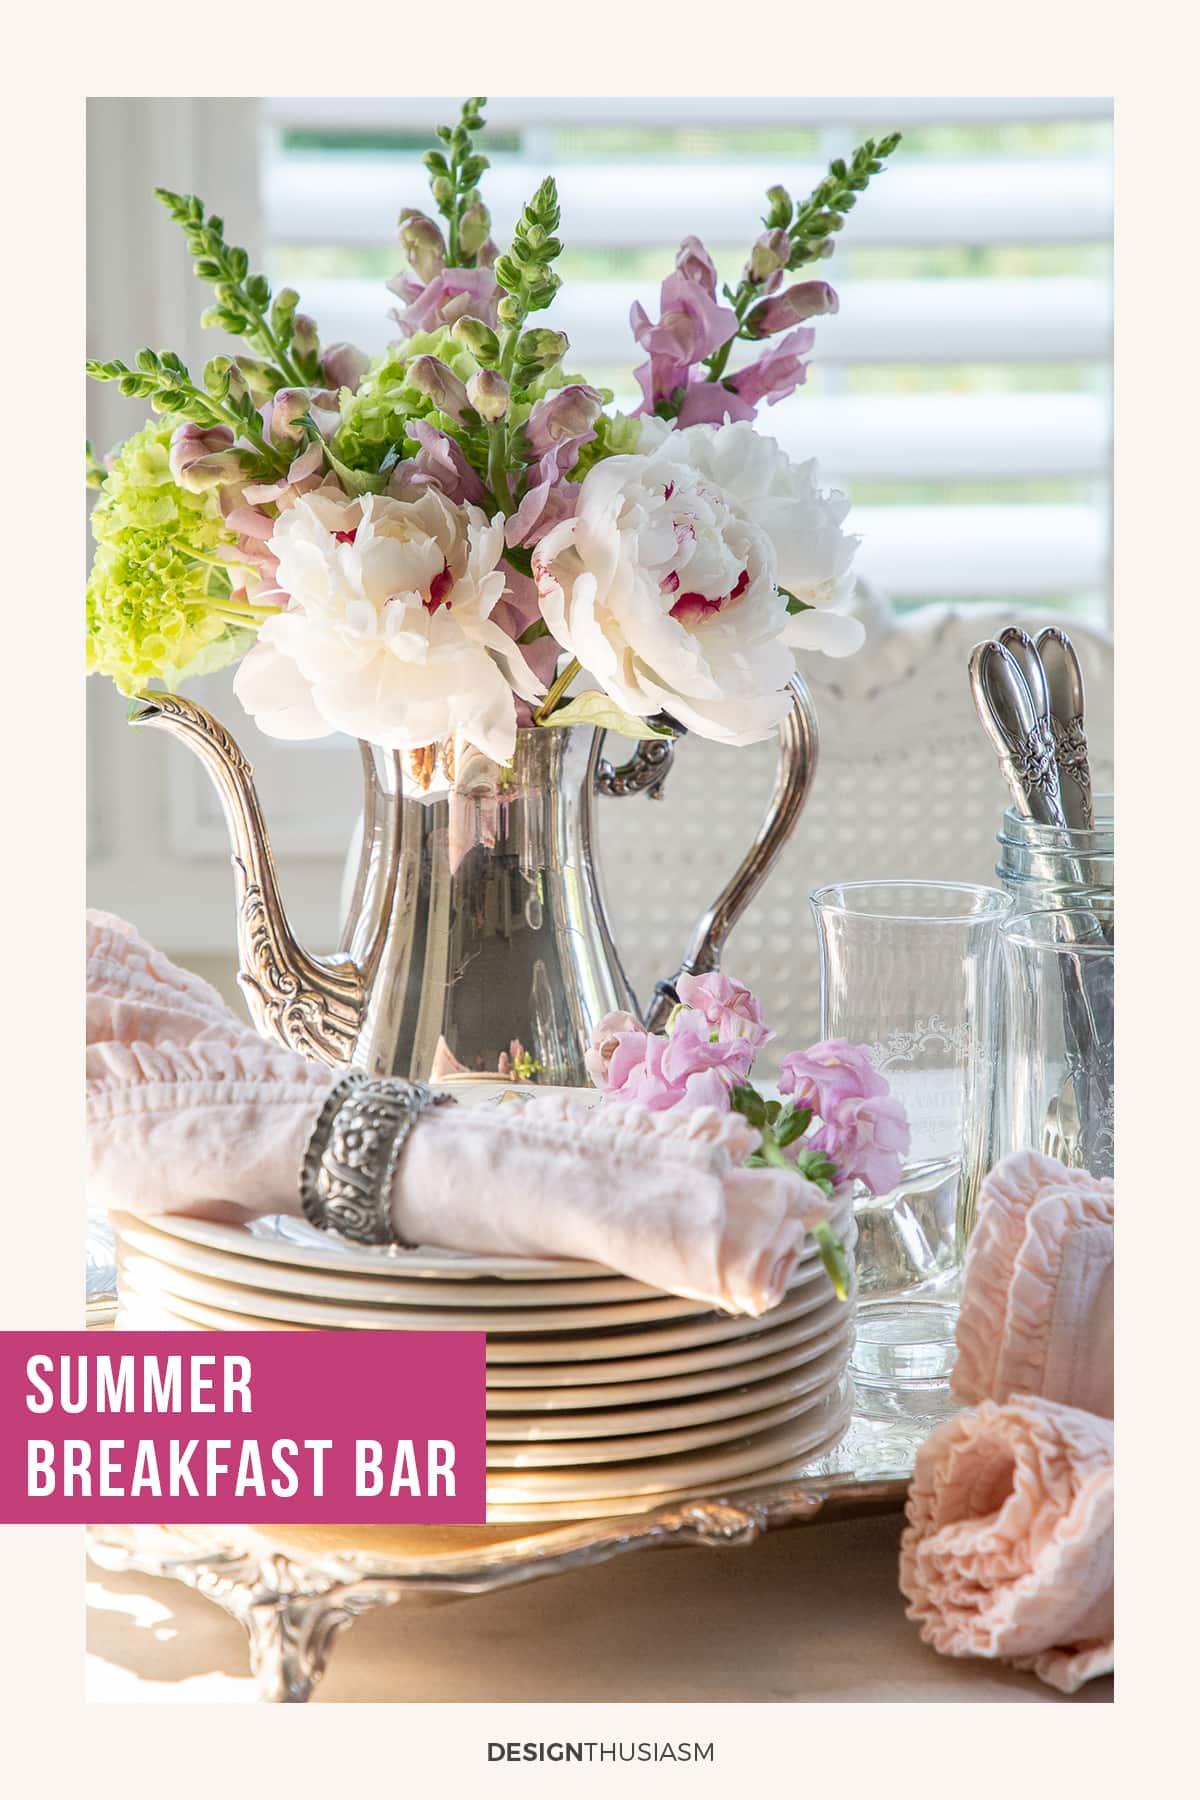 Summer Breakfast Bar